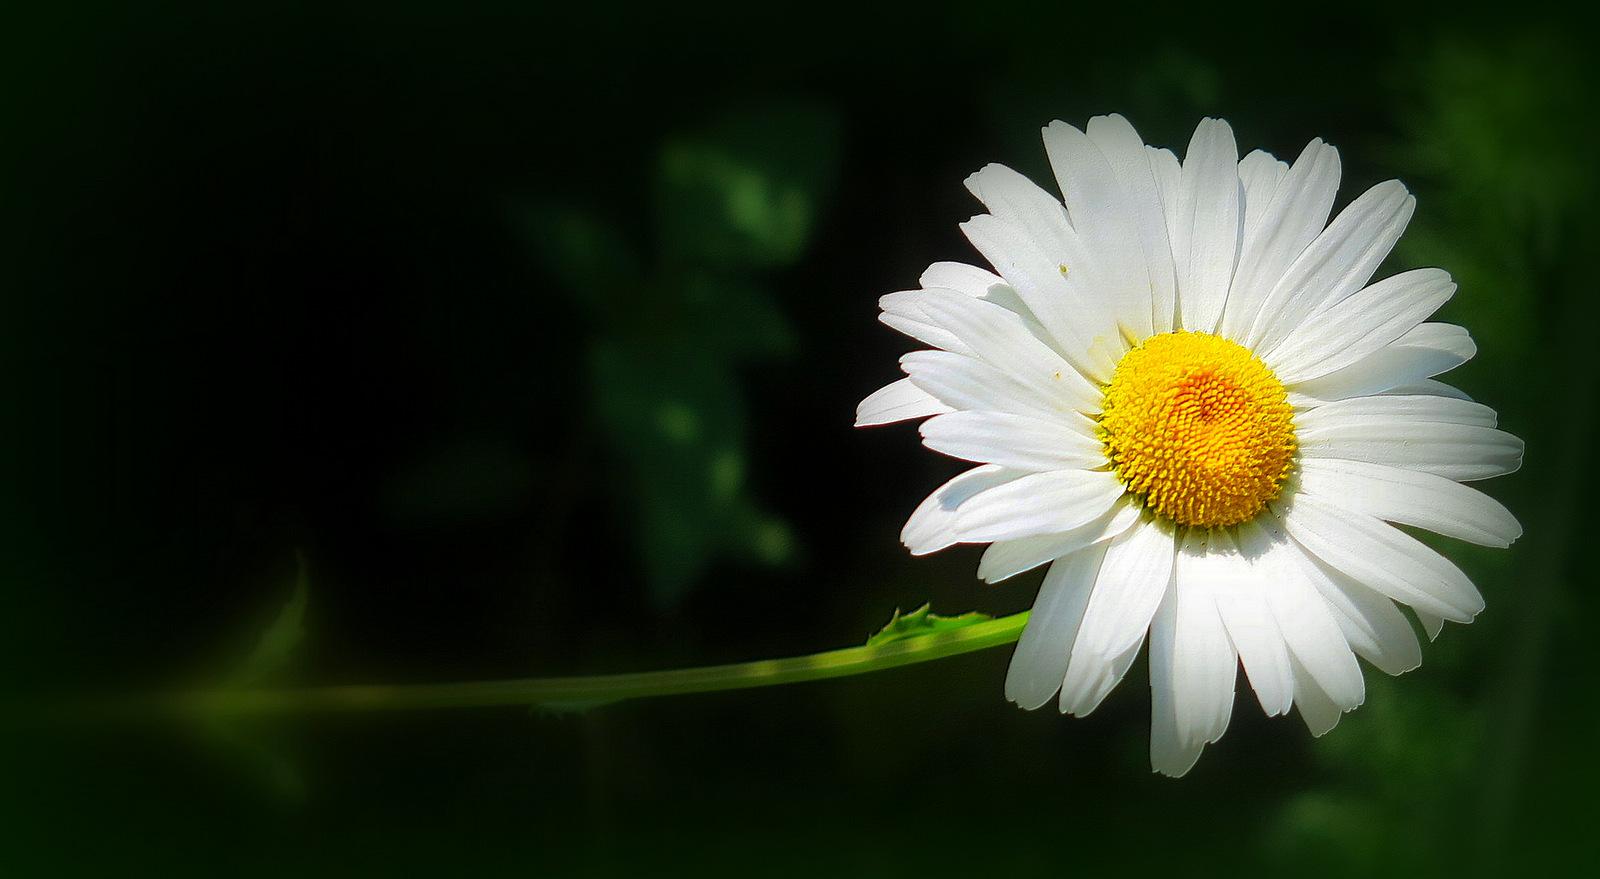 Marguerite photo et image nature fleurs fleur - Image fleur marguerite ...